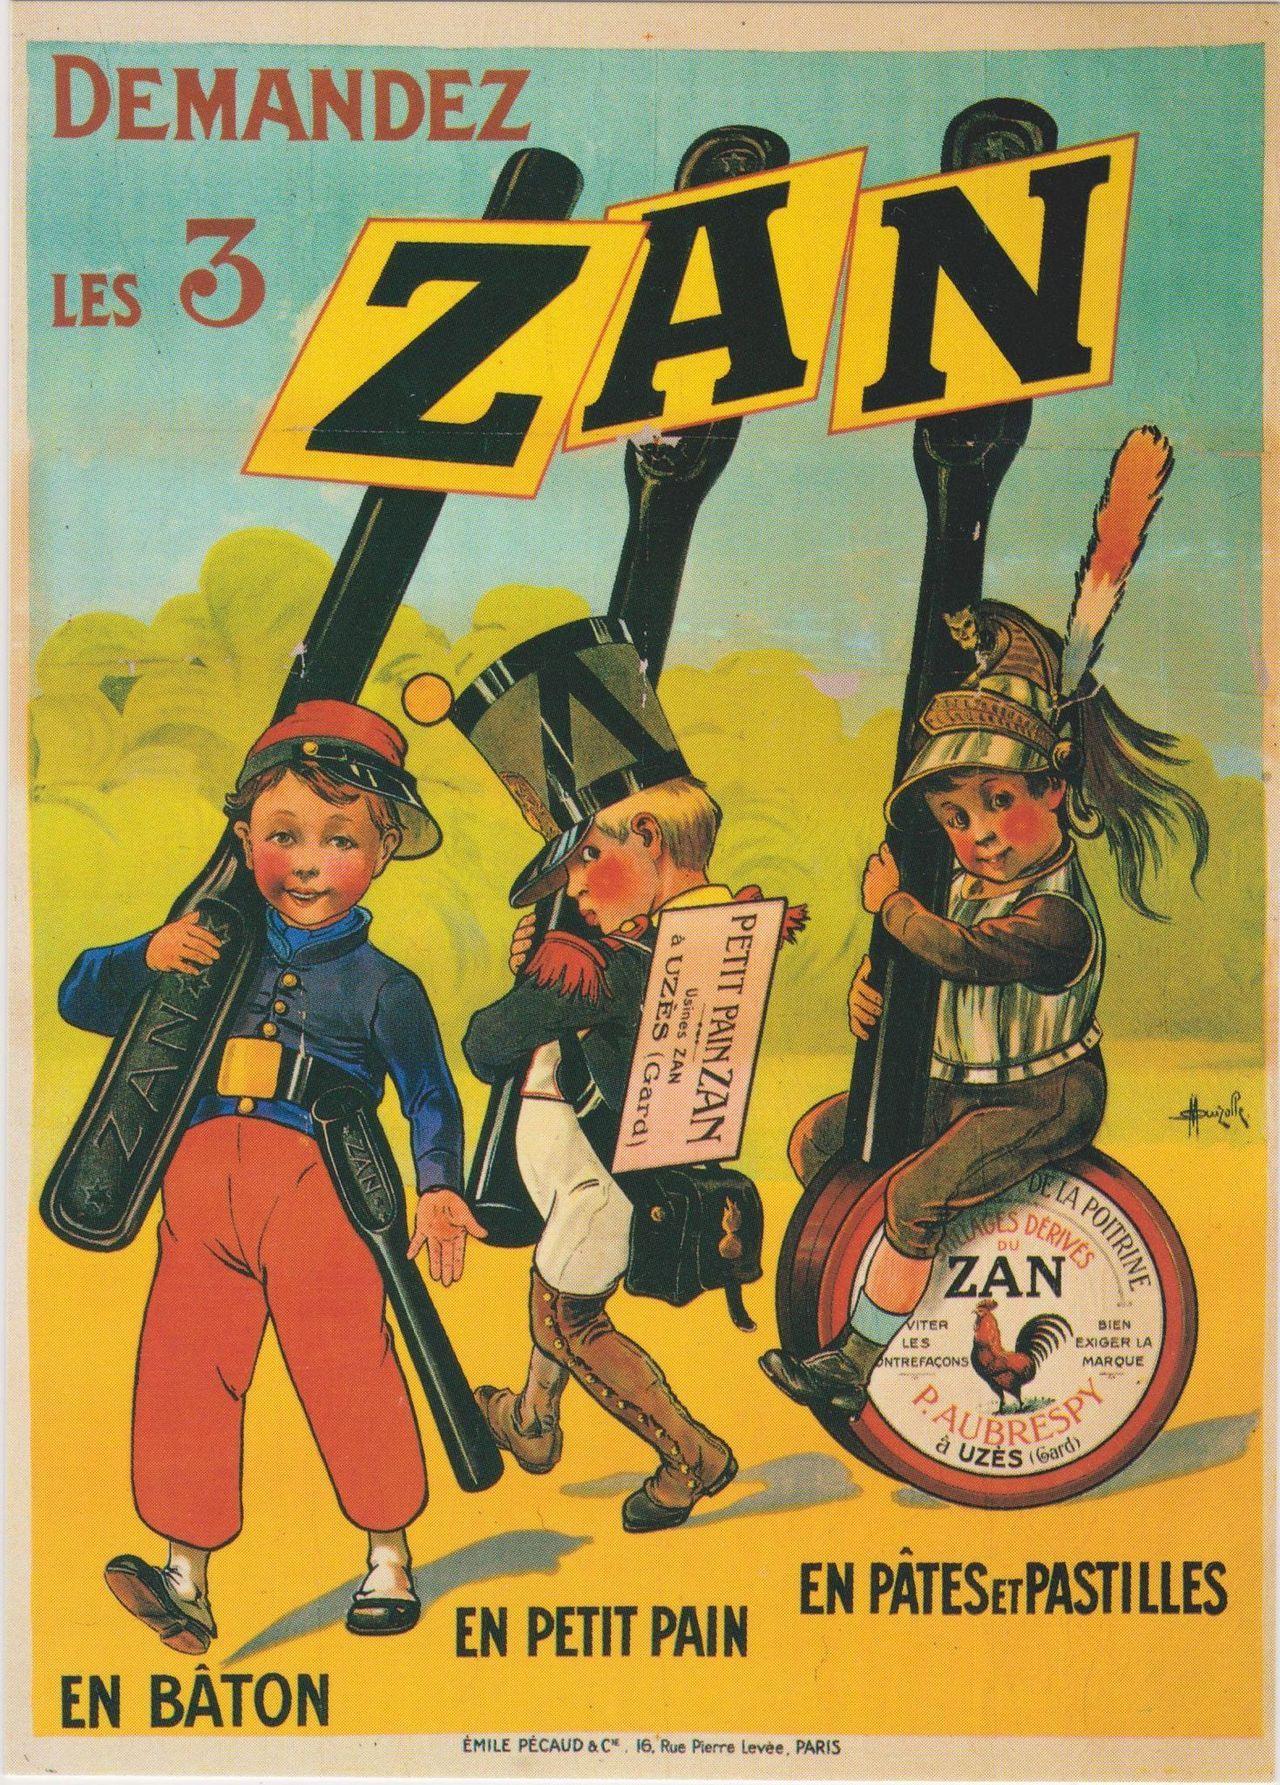 zan publicit anciennes affiches et panneaux publicitaires pinterest affiches affiches. Black Bedroom Furniture Sets. Home Design Ideas